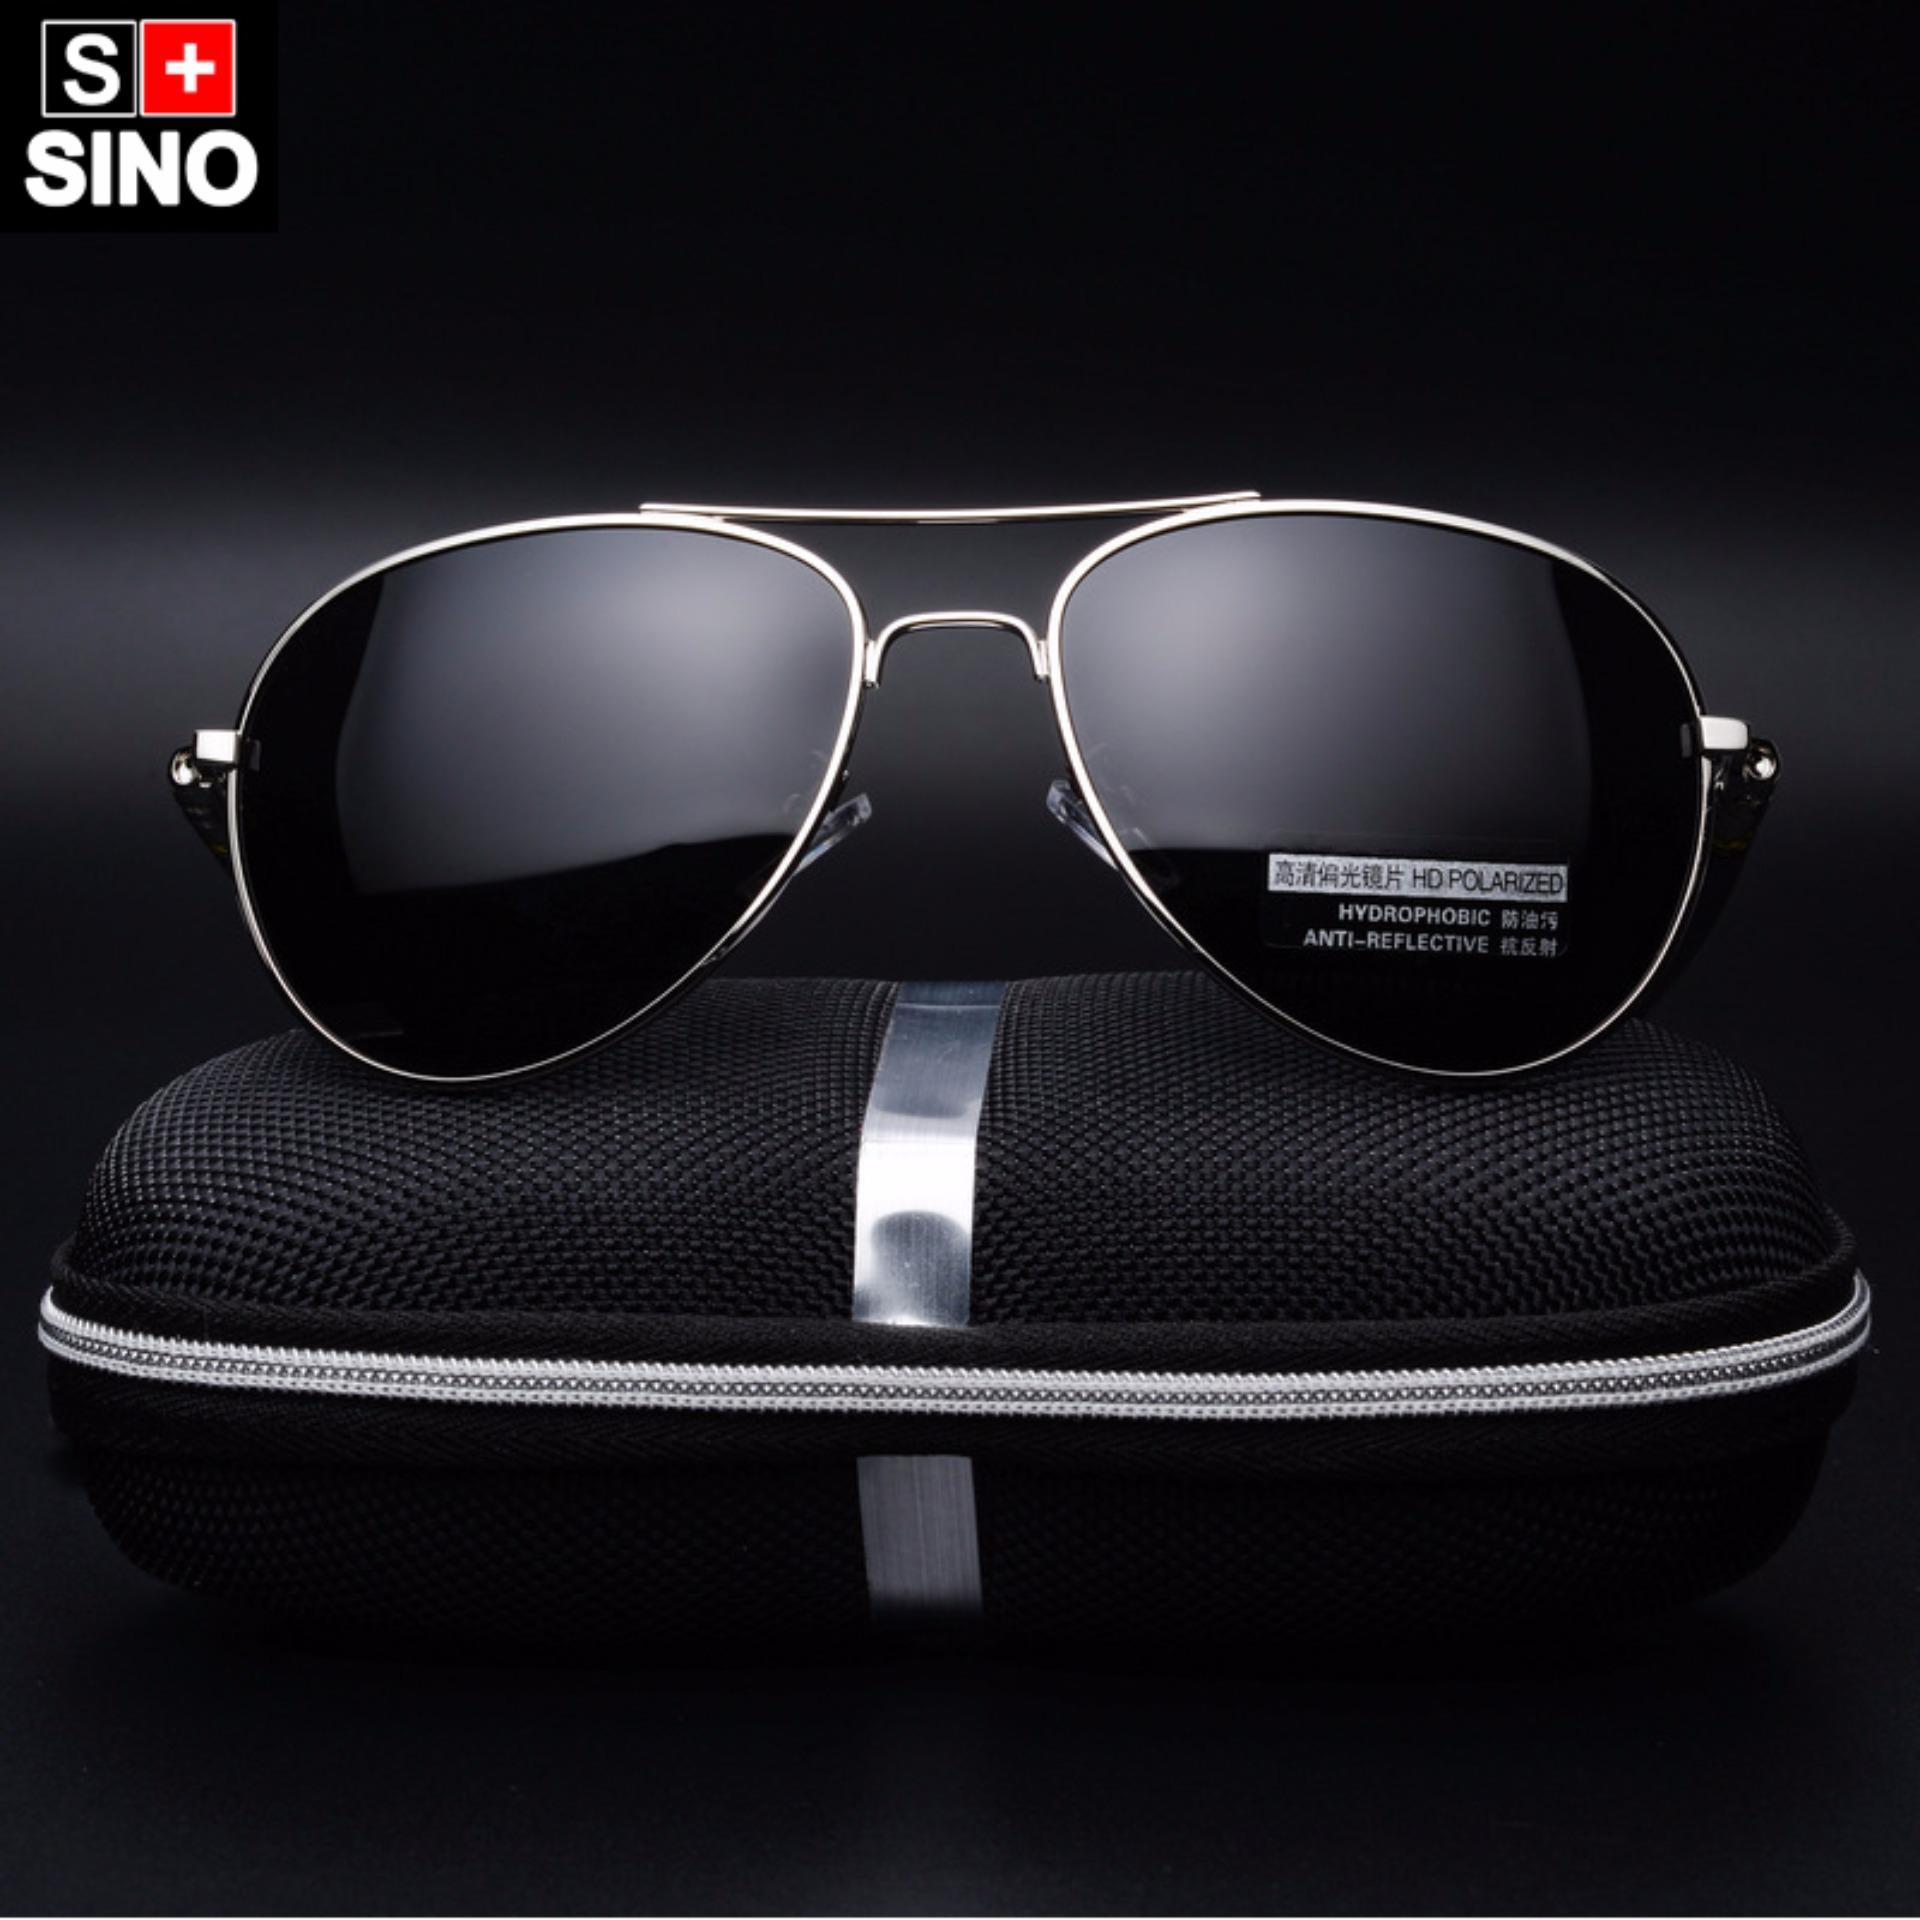 Kính mát nữ thời trang Sino S2000